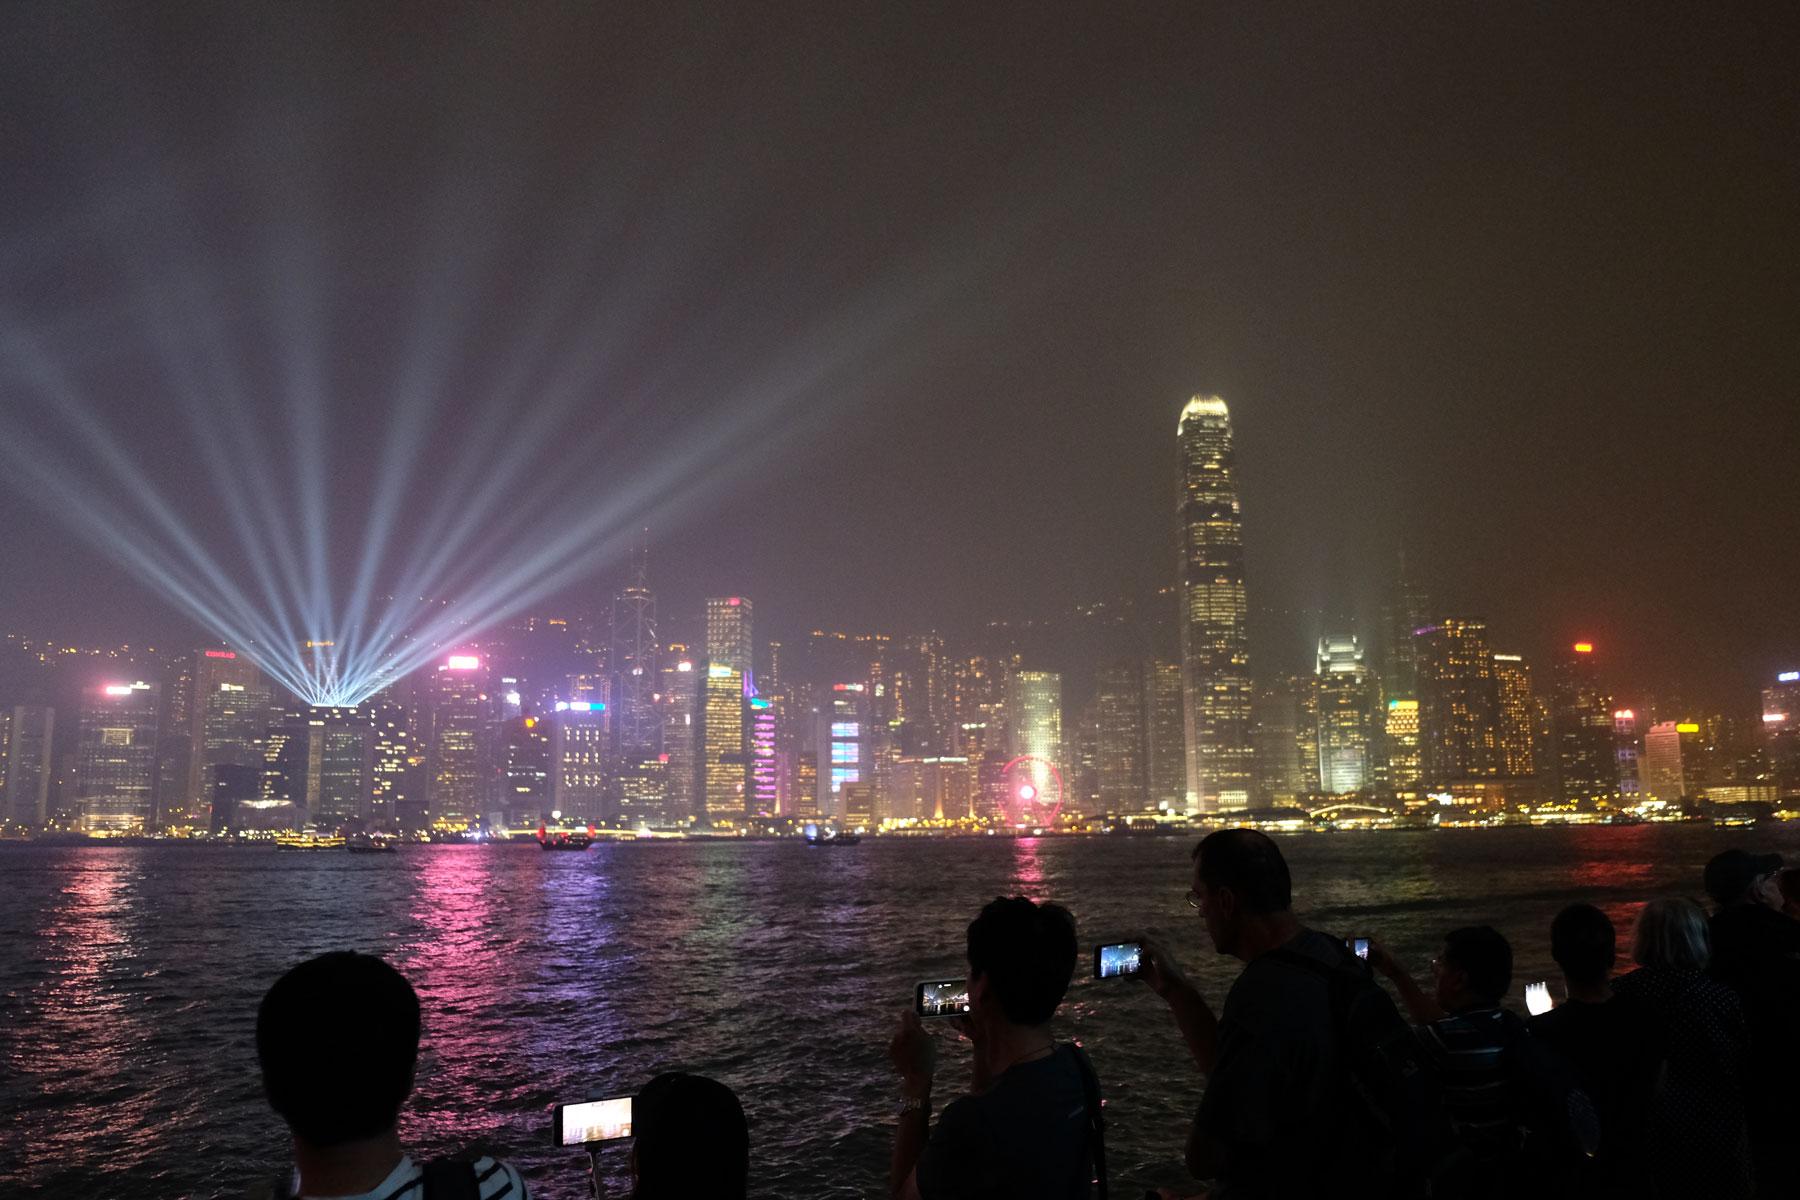 Menschen fotografieren mit ihren Handys die Lightshow auf der Hongkong Island.